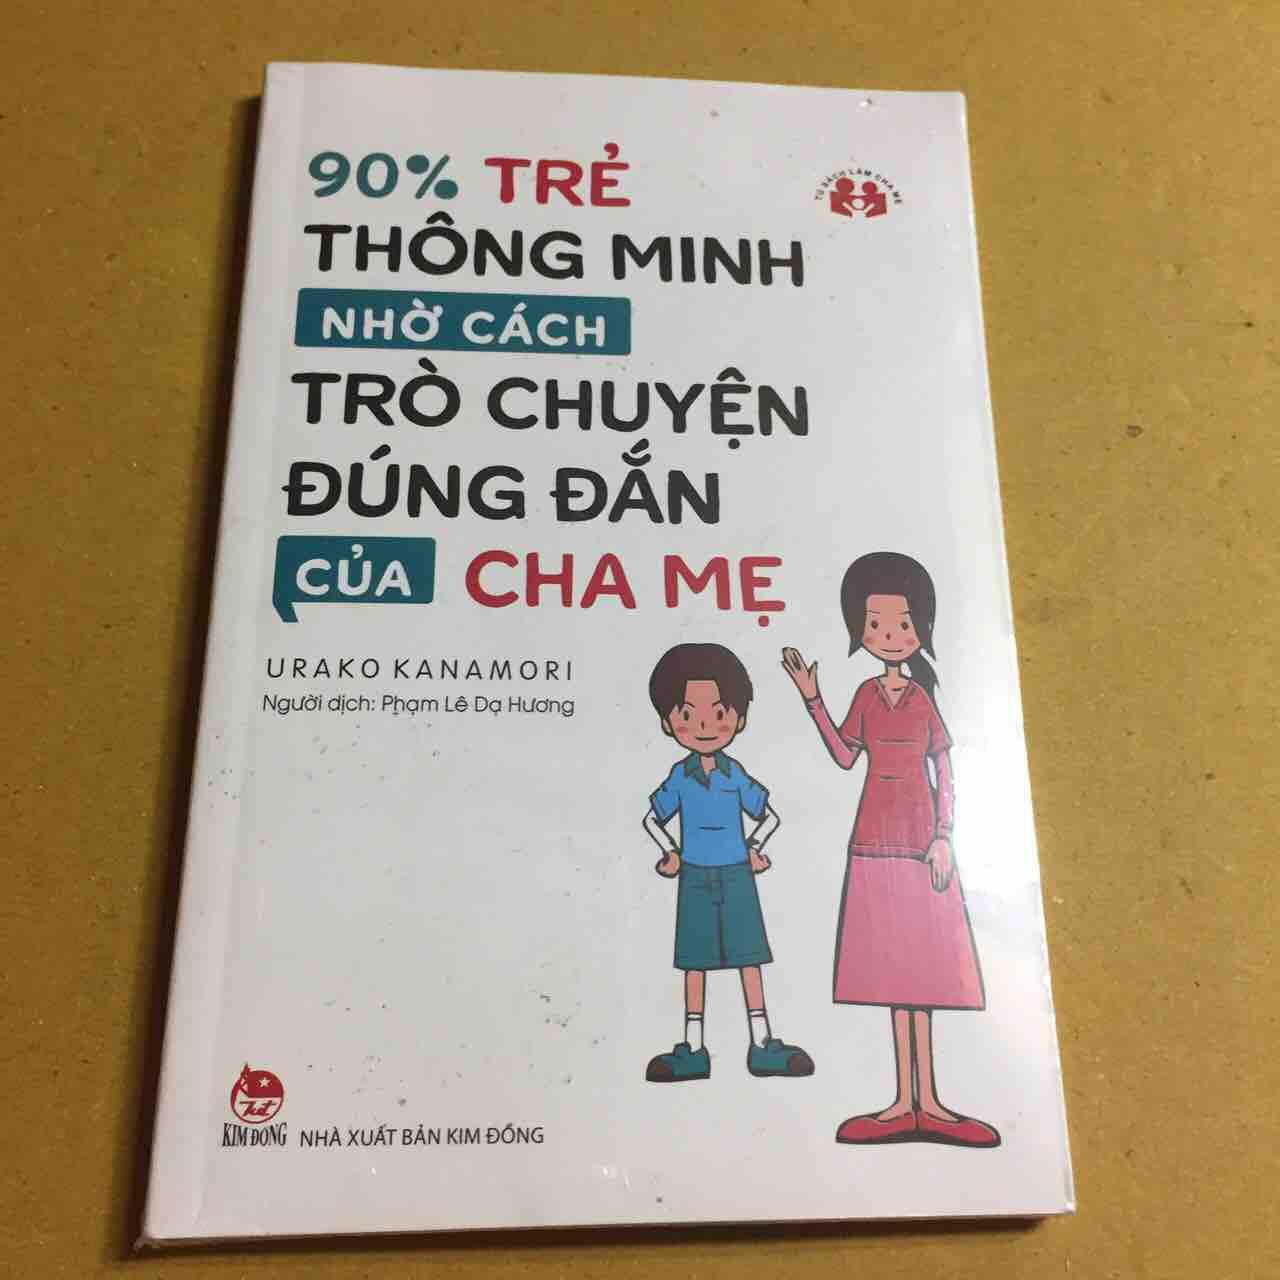 Deal Ưu Đãi 90% Trẻ Thông Minh Nhờ Cách Trò Chuyện Của Cha Mẹ